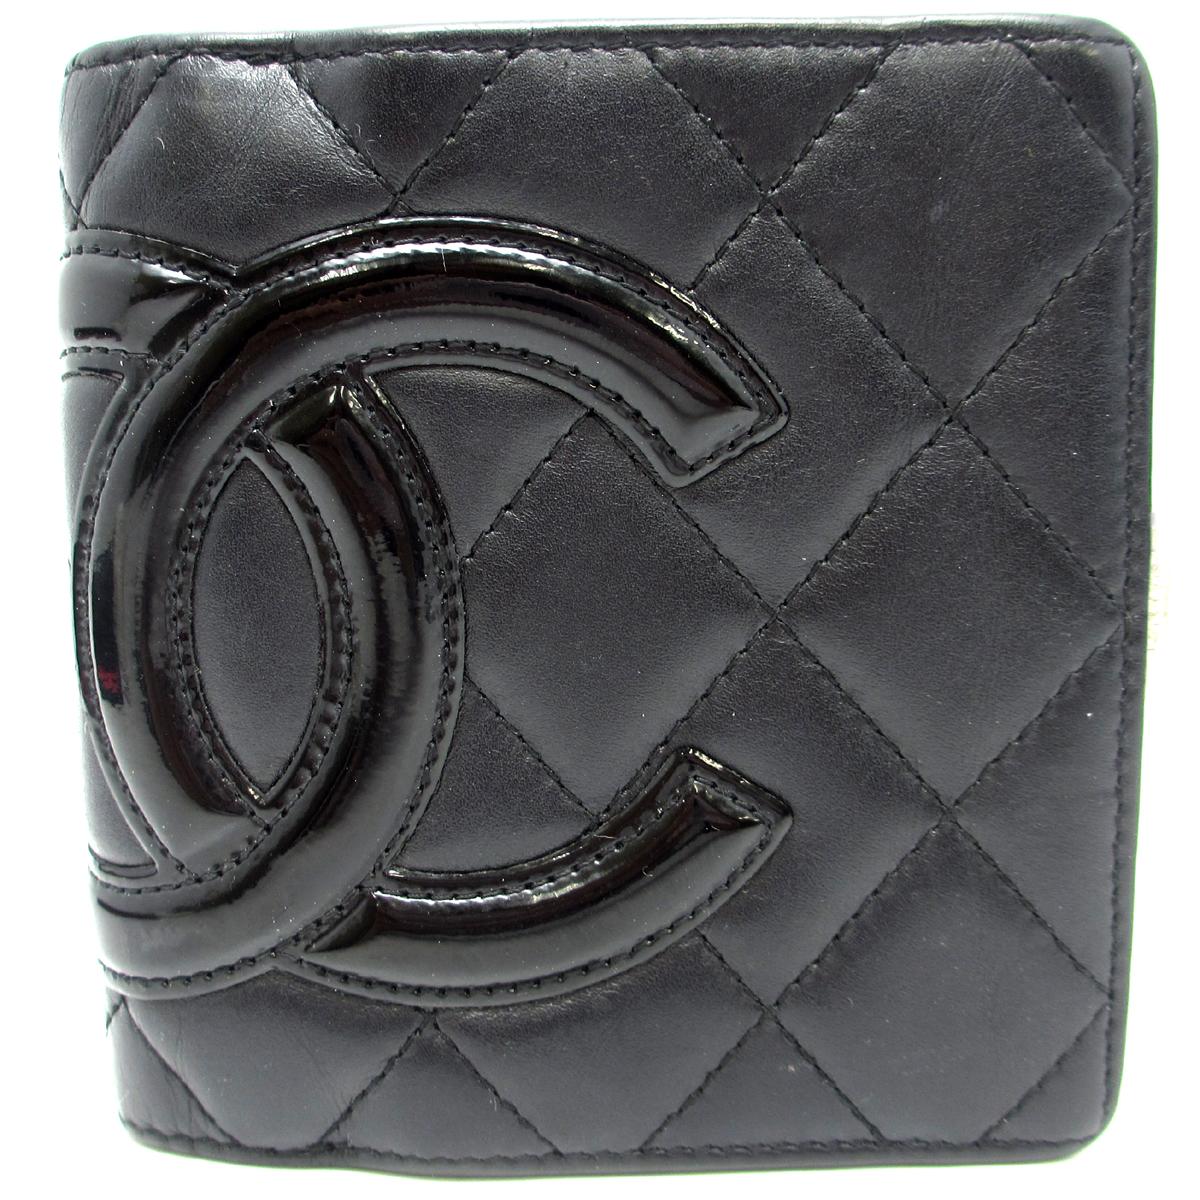 [飯能本店] CHANEL シャネル カンボンライン がま口財布 二つ折り財布 エナメル ブラック DH42216【大黒屋質店出品】 【中古】【送料無料】